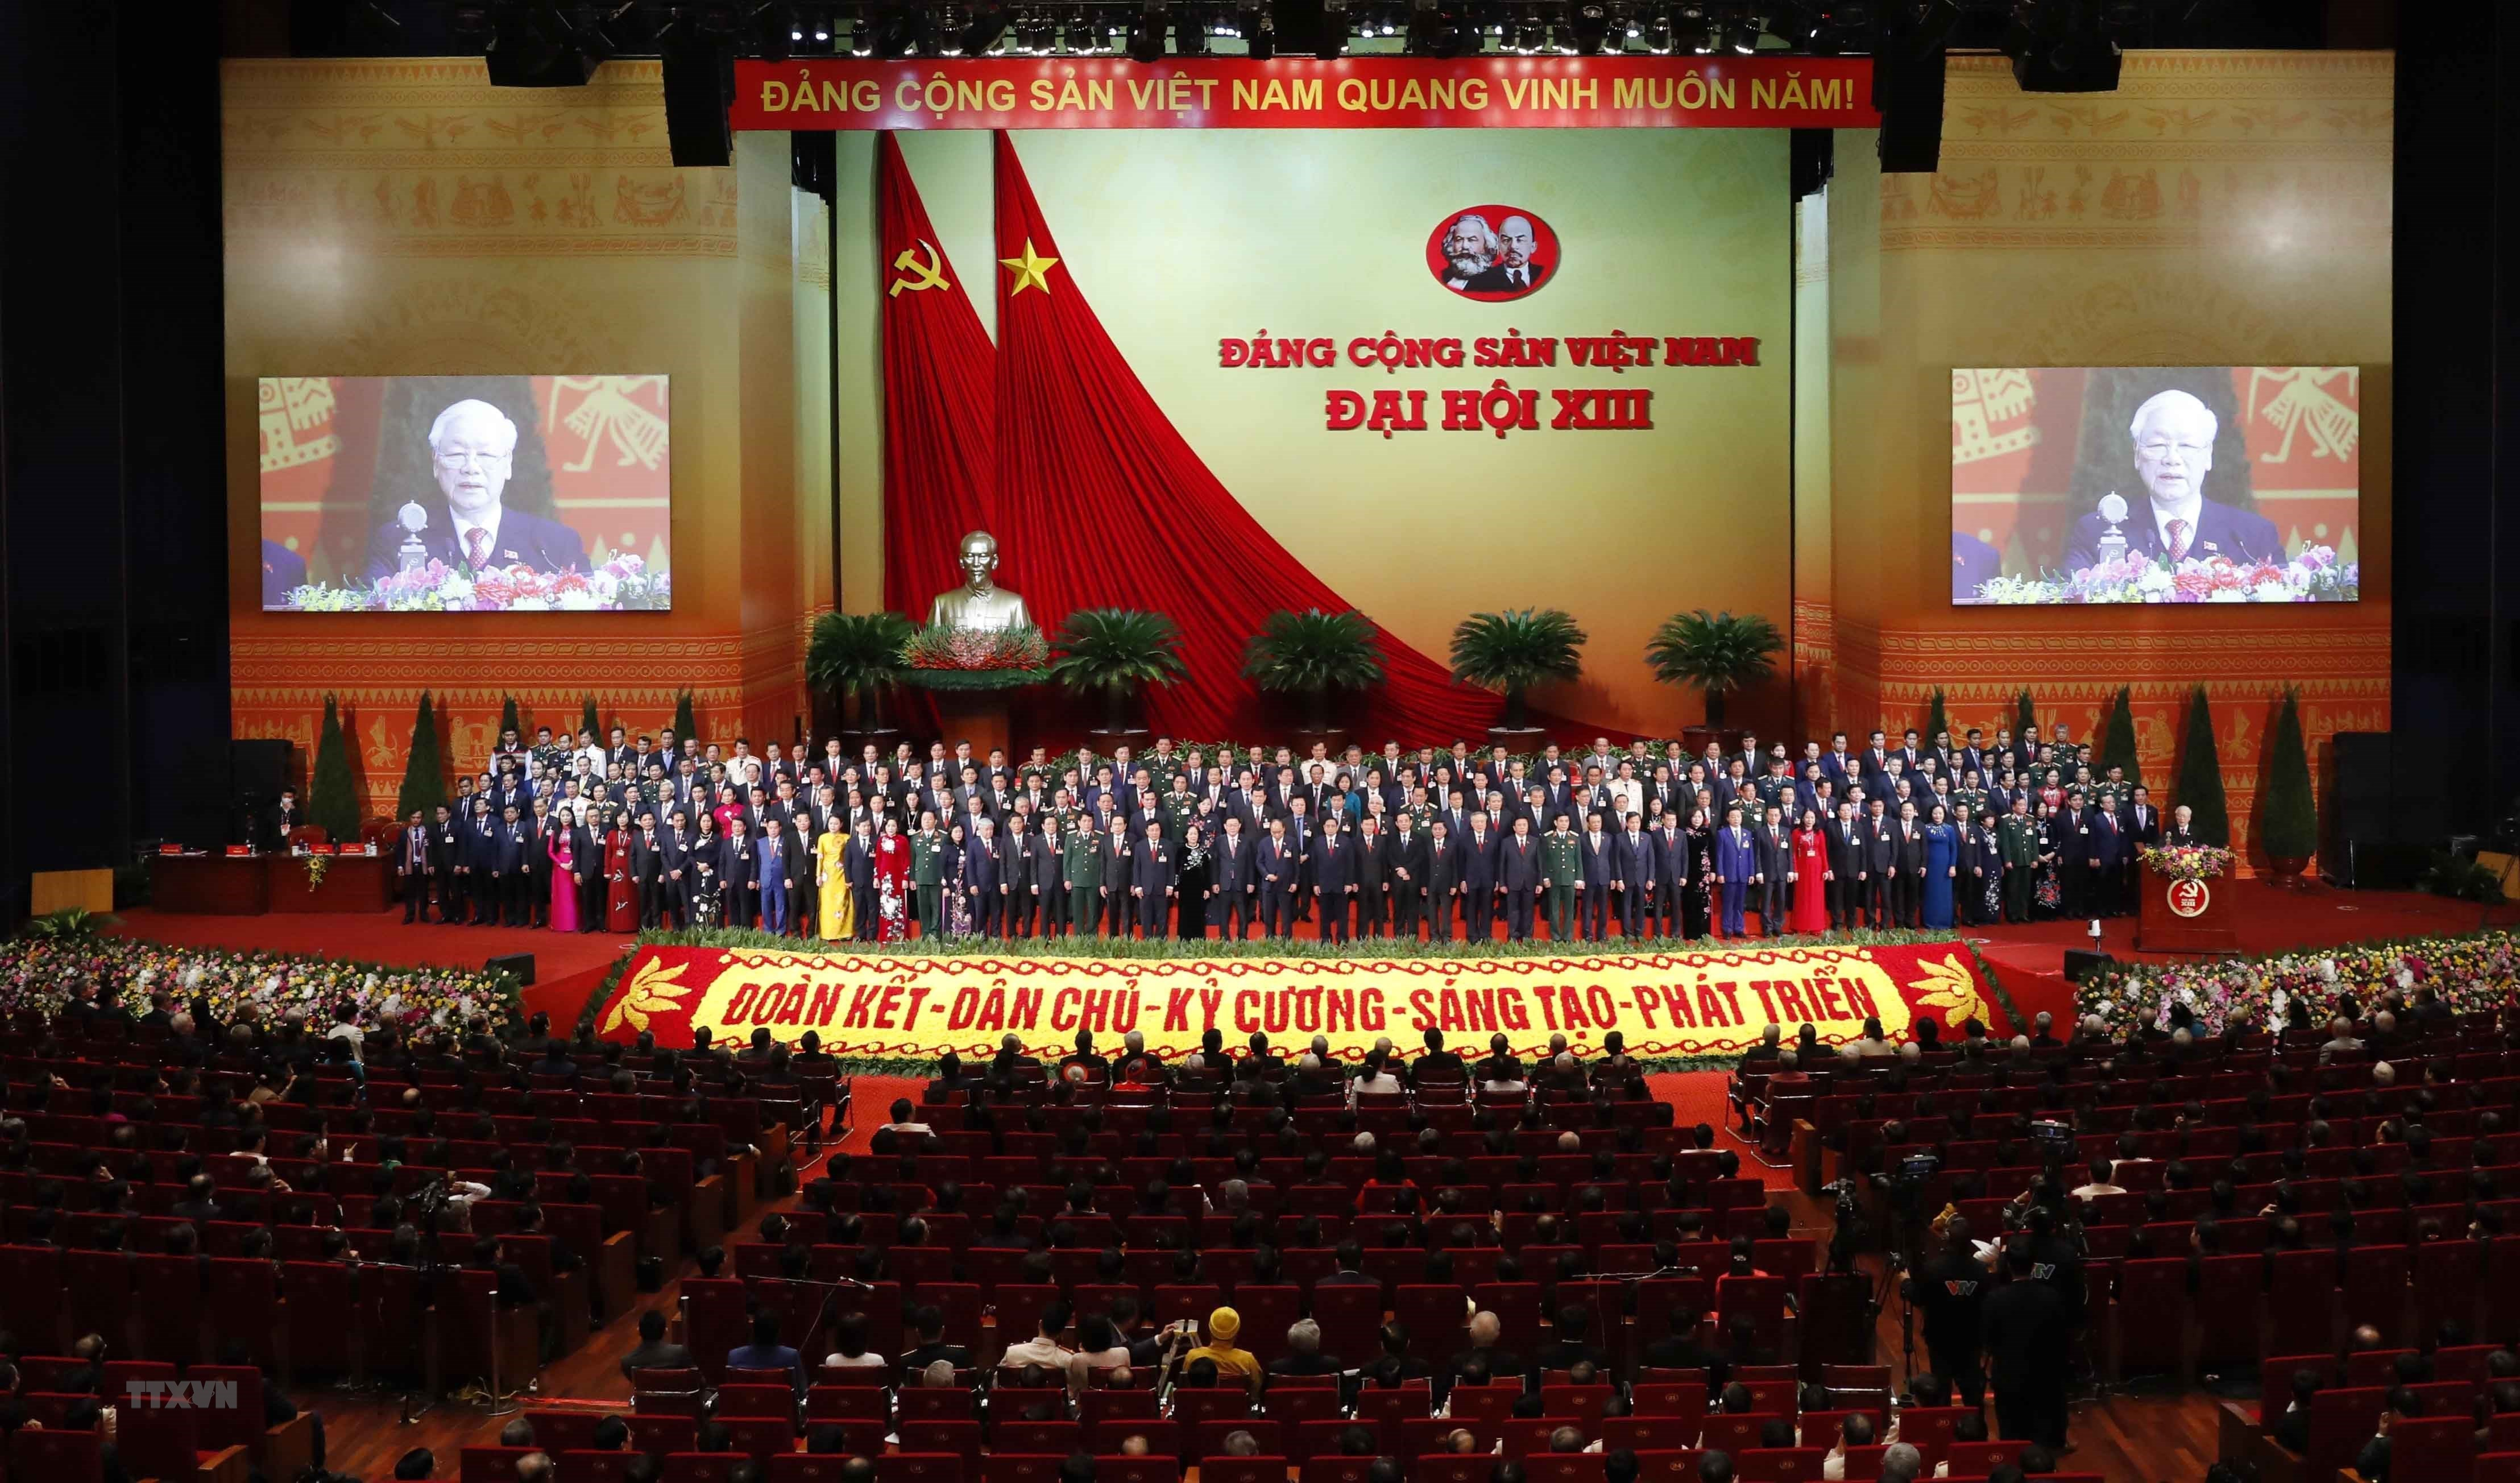 Đồng chí Nguyễn Phú Trọng, Tổng Bí thư BCHTW khóa XIII, Chủ tịch nước CHXHCN Việt Nam thay mặt BCHTW khóa XIII phát biểu ý kiến.